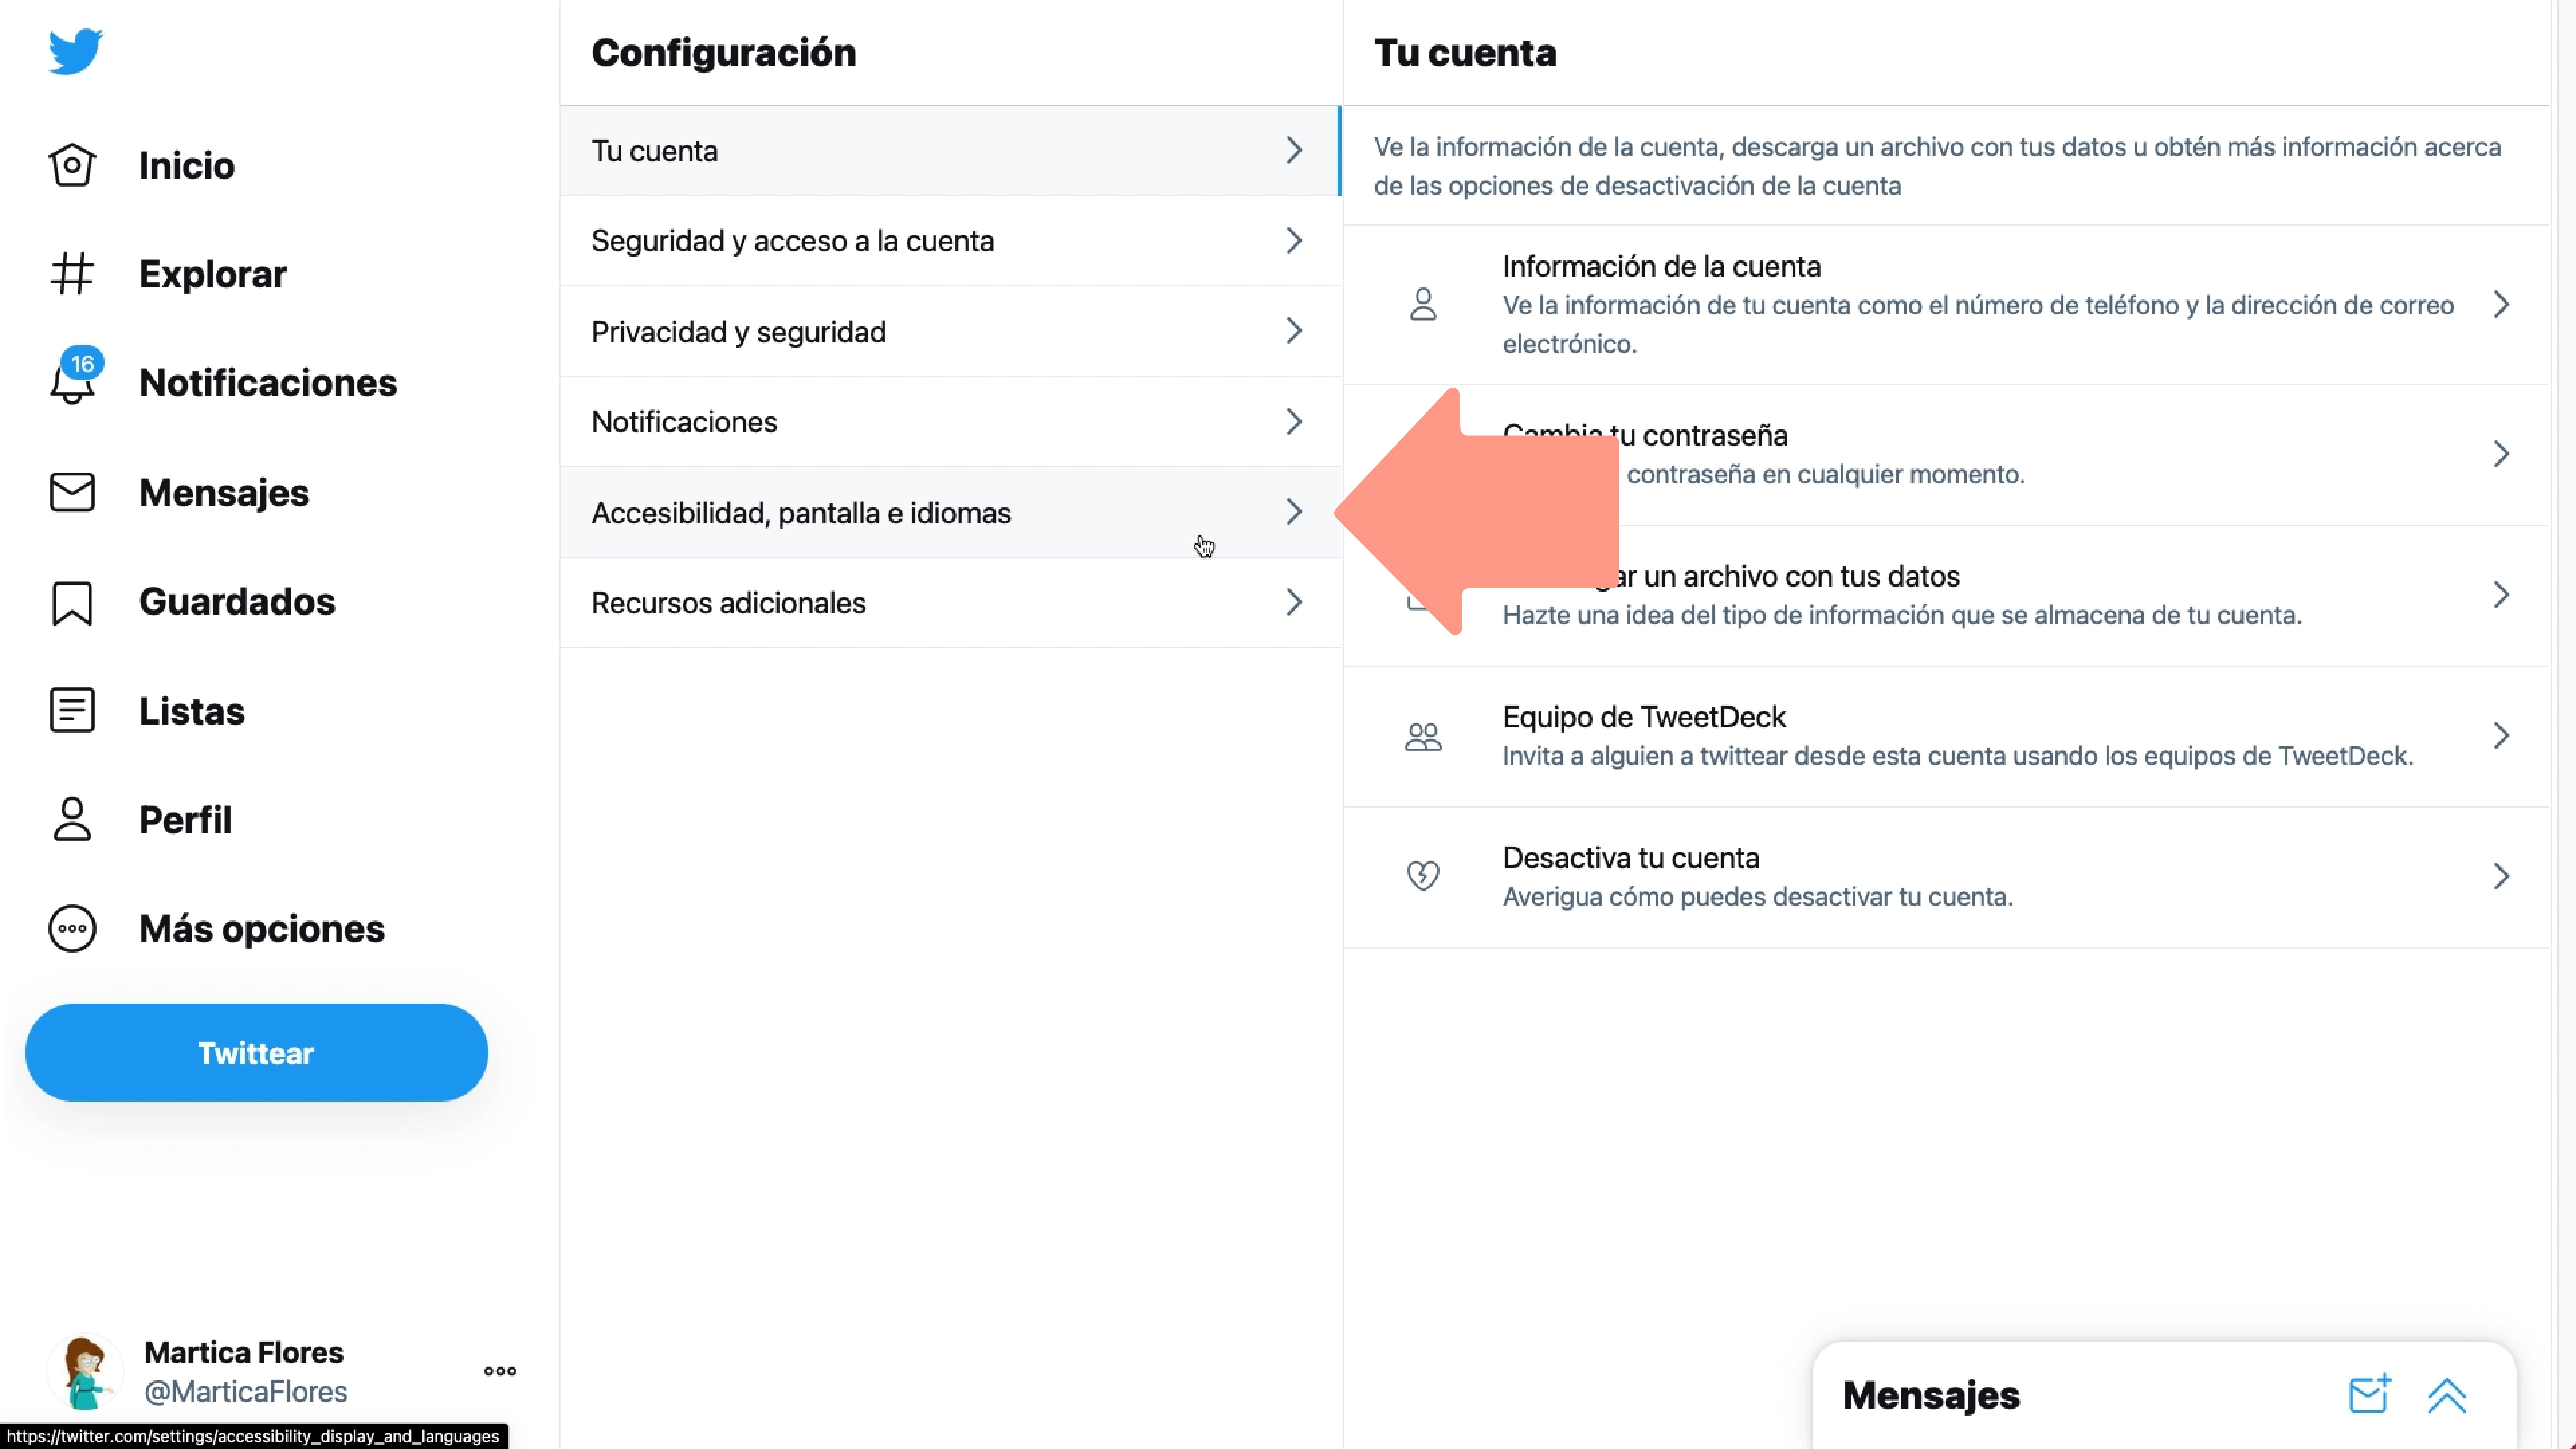 Imagen haciendo clic en Accesibilidad, pantalla e idiomas.